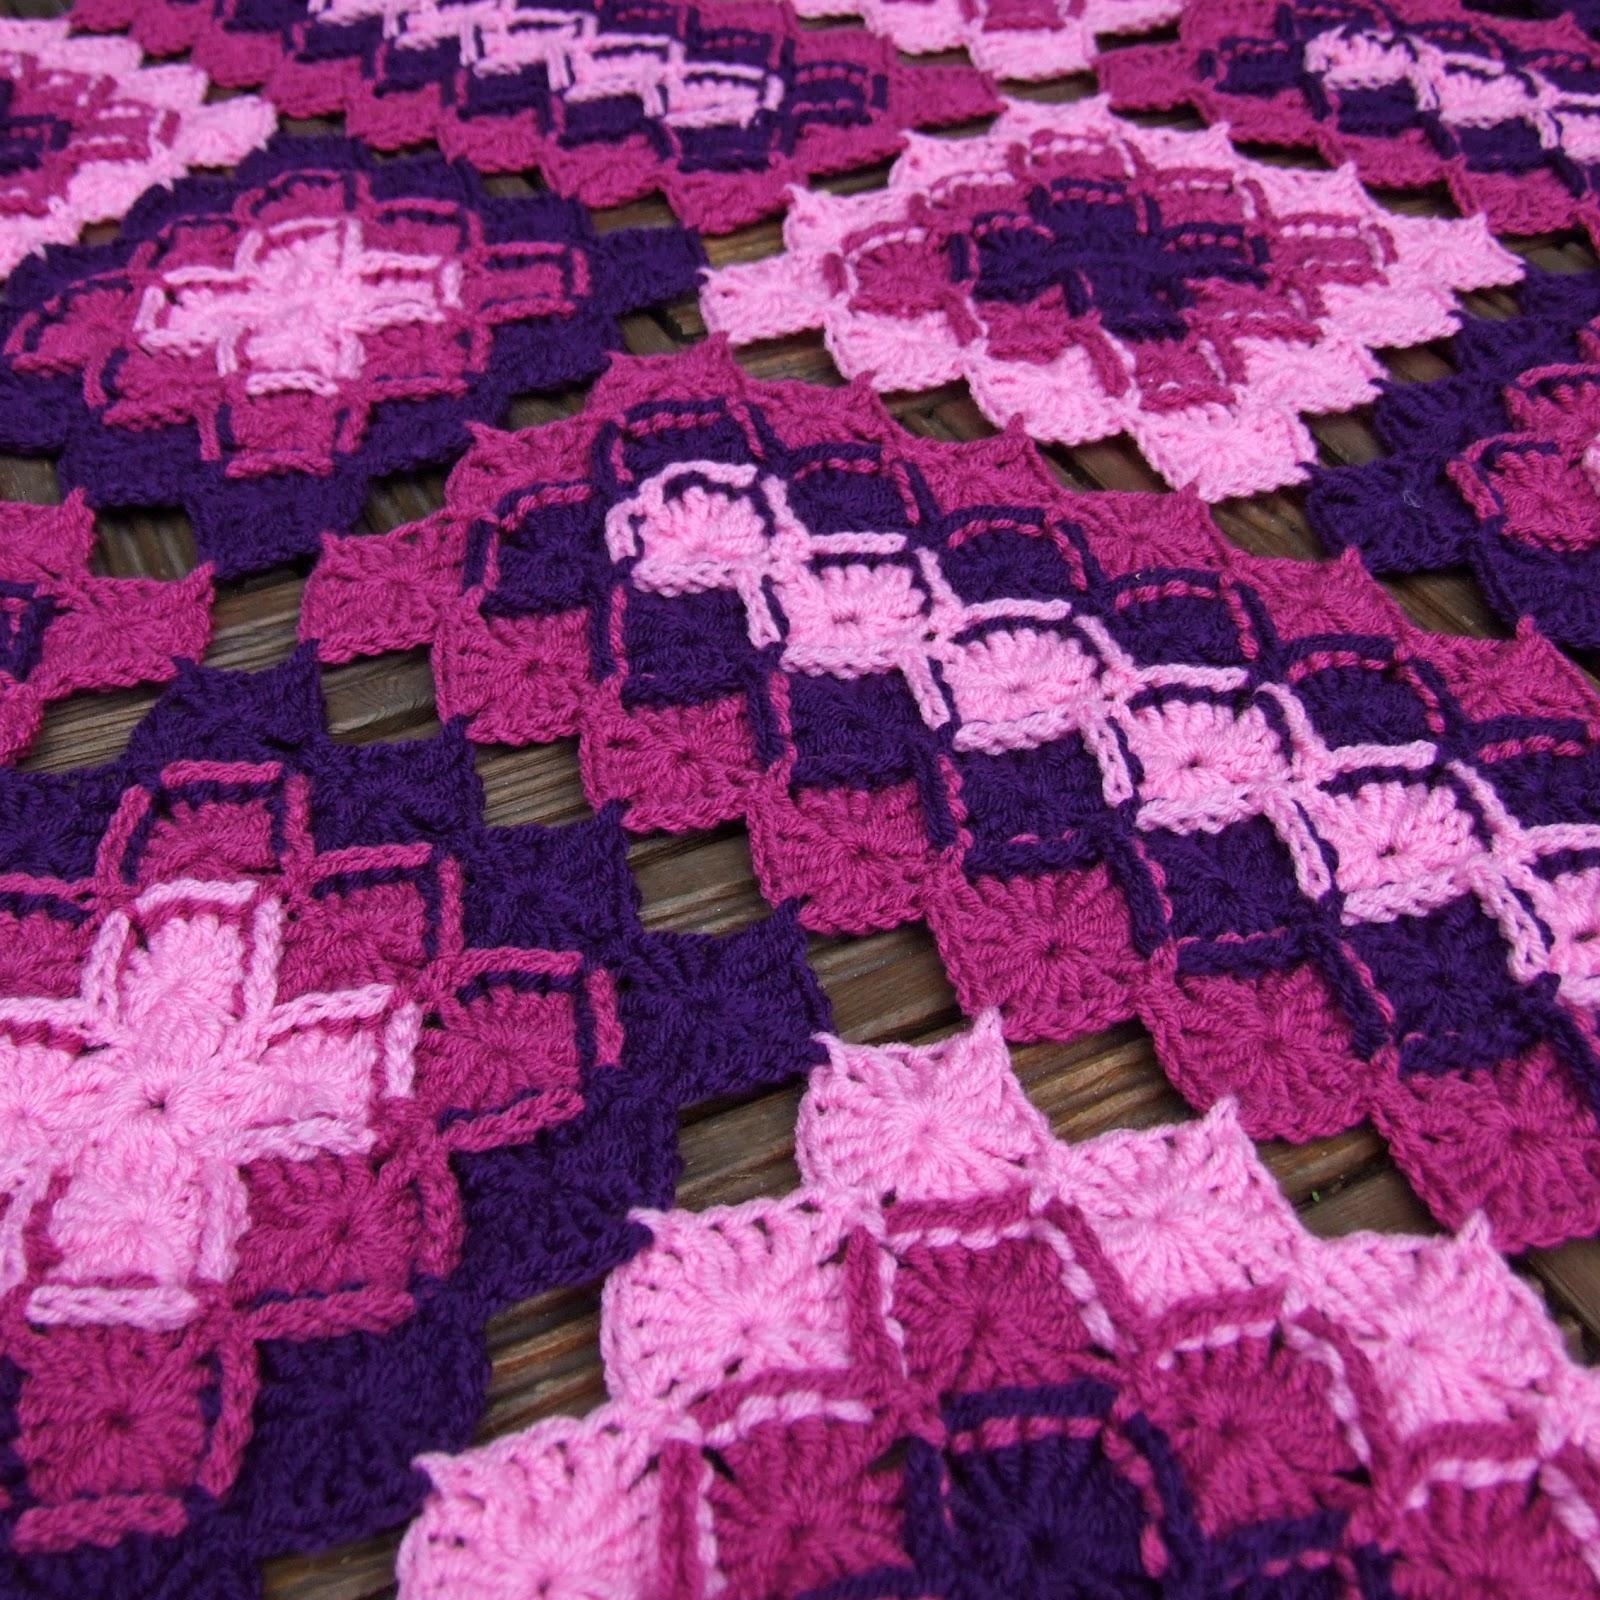 Bavarian Lap Blanket Woolnhook By Leonie Morgan